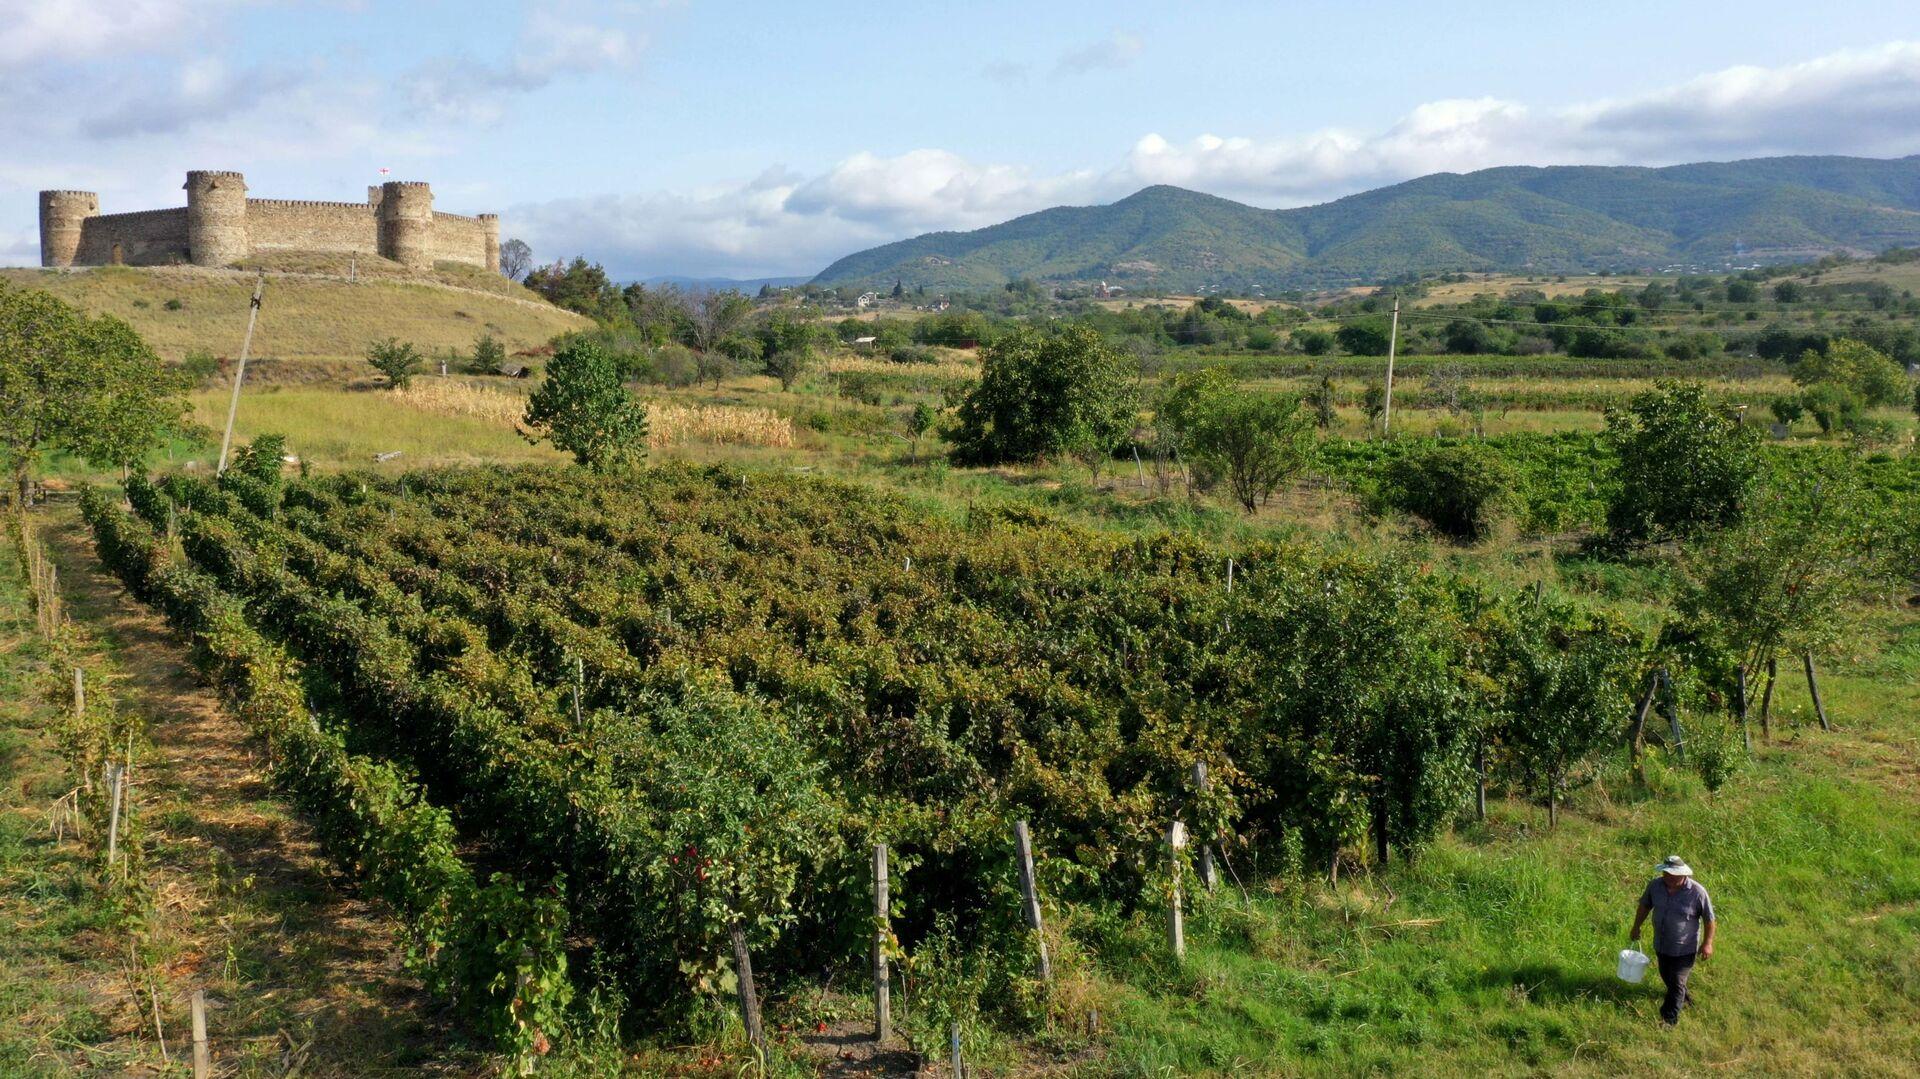 Сбор урожая винограда - ртвели в регионе Кахети - Sputnik Грузия, 1920, 15.09.2021